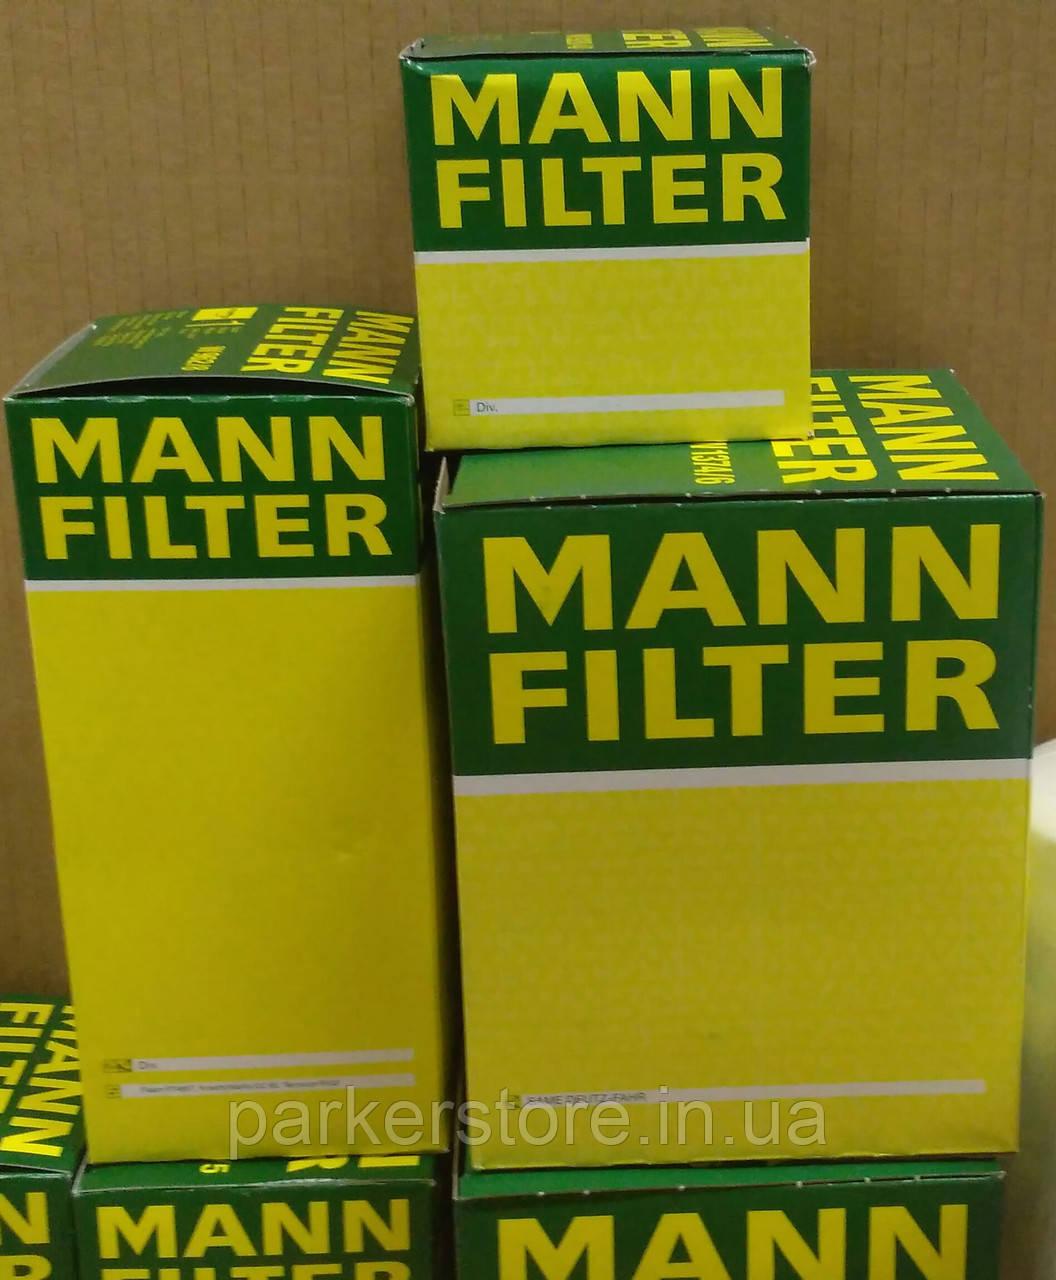 MANN FILTER / Воздушный фильтр / C 15 163/1 / C15163/1